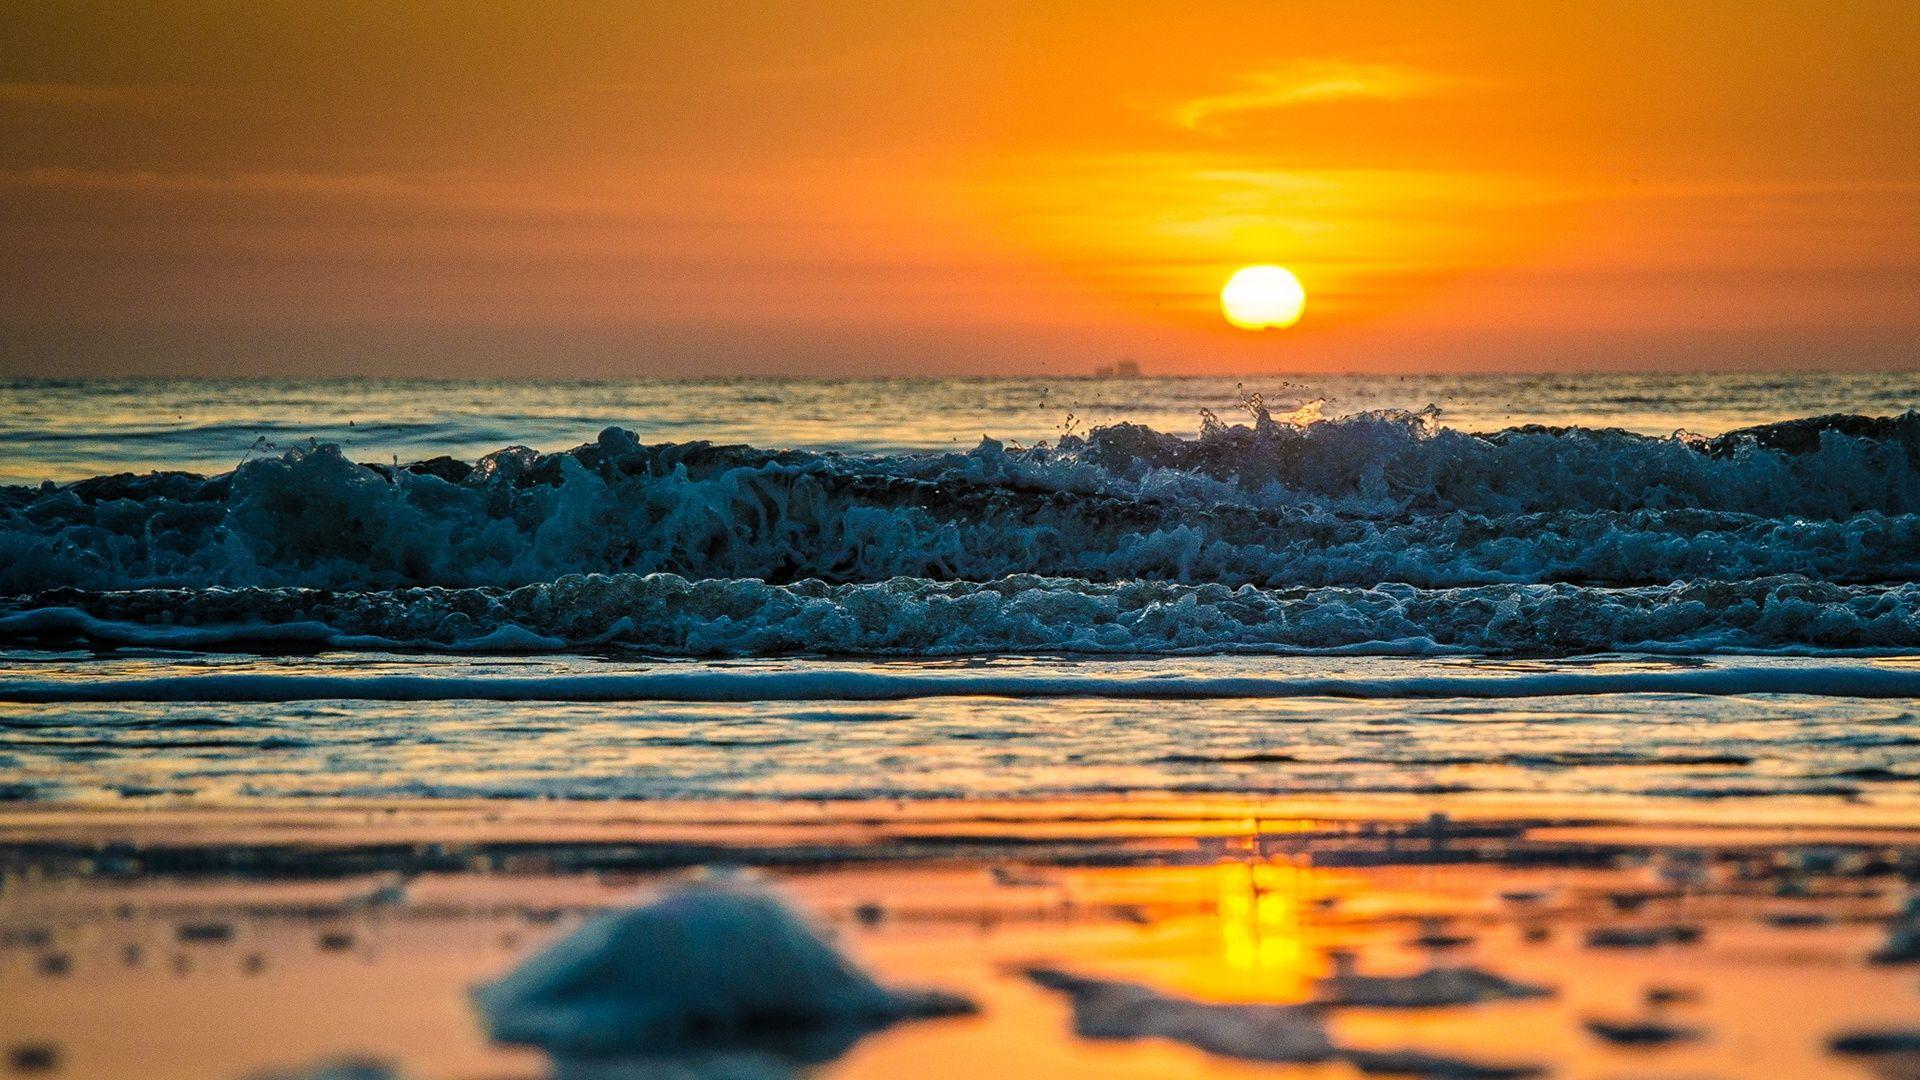 Beach Wave Beach sunset, Beach waves, Beach wallpaper